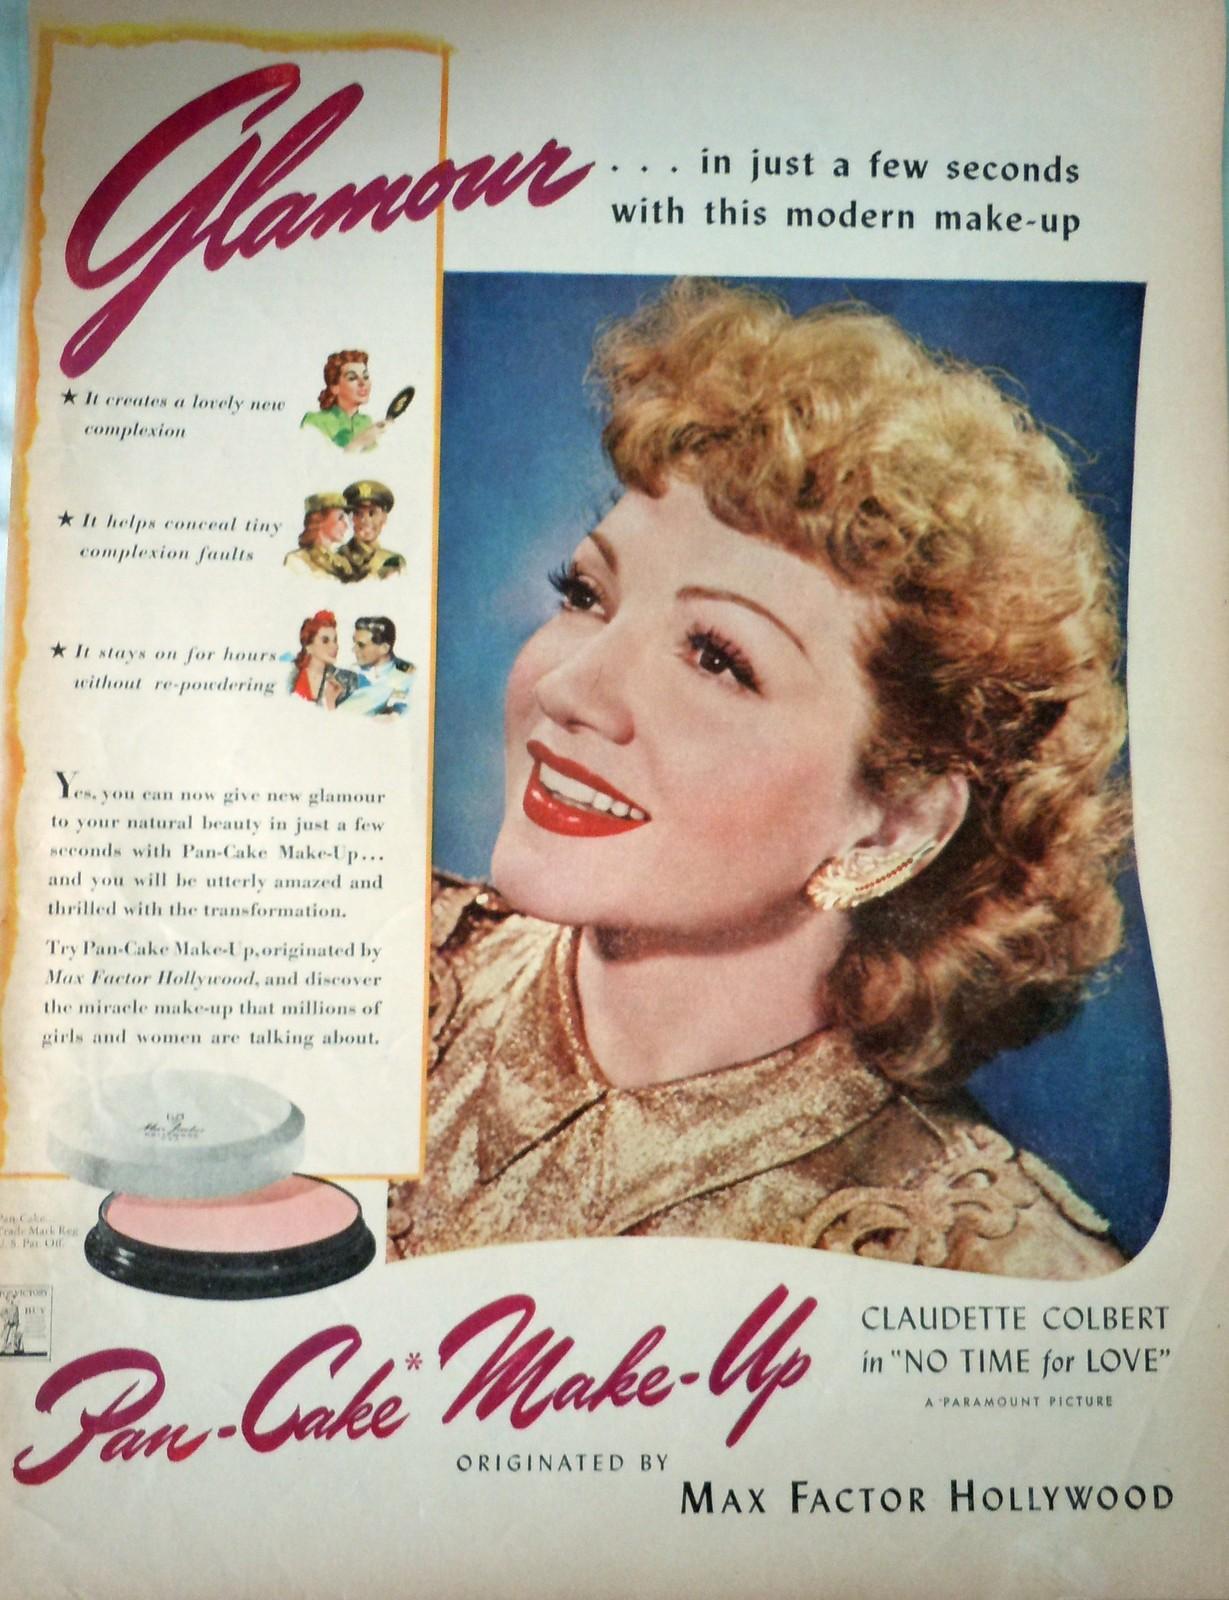 Max Factor Claudette Colbert Pan Cake Makeup WWII Advertising Print Ad Art 1940s - $15.99